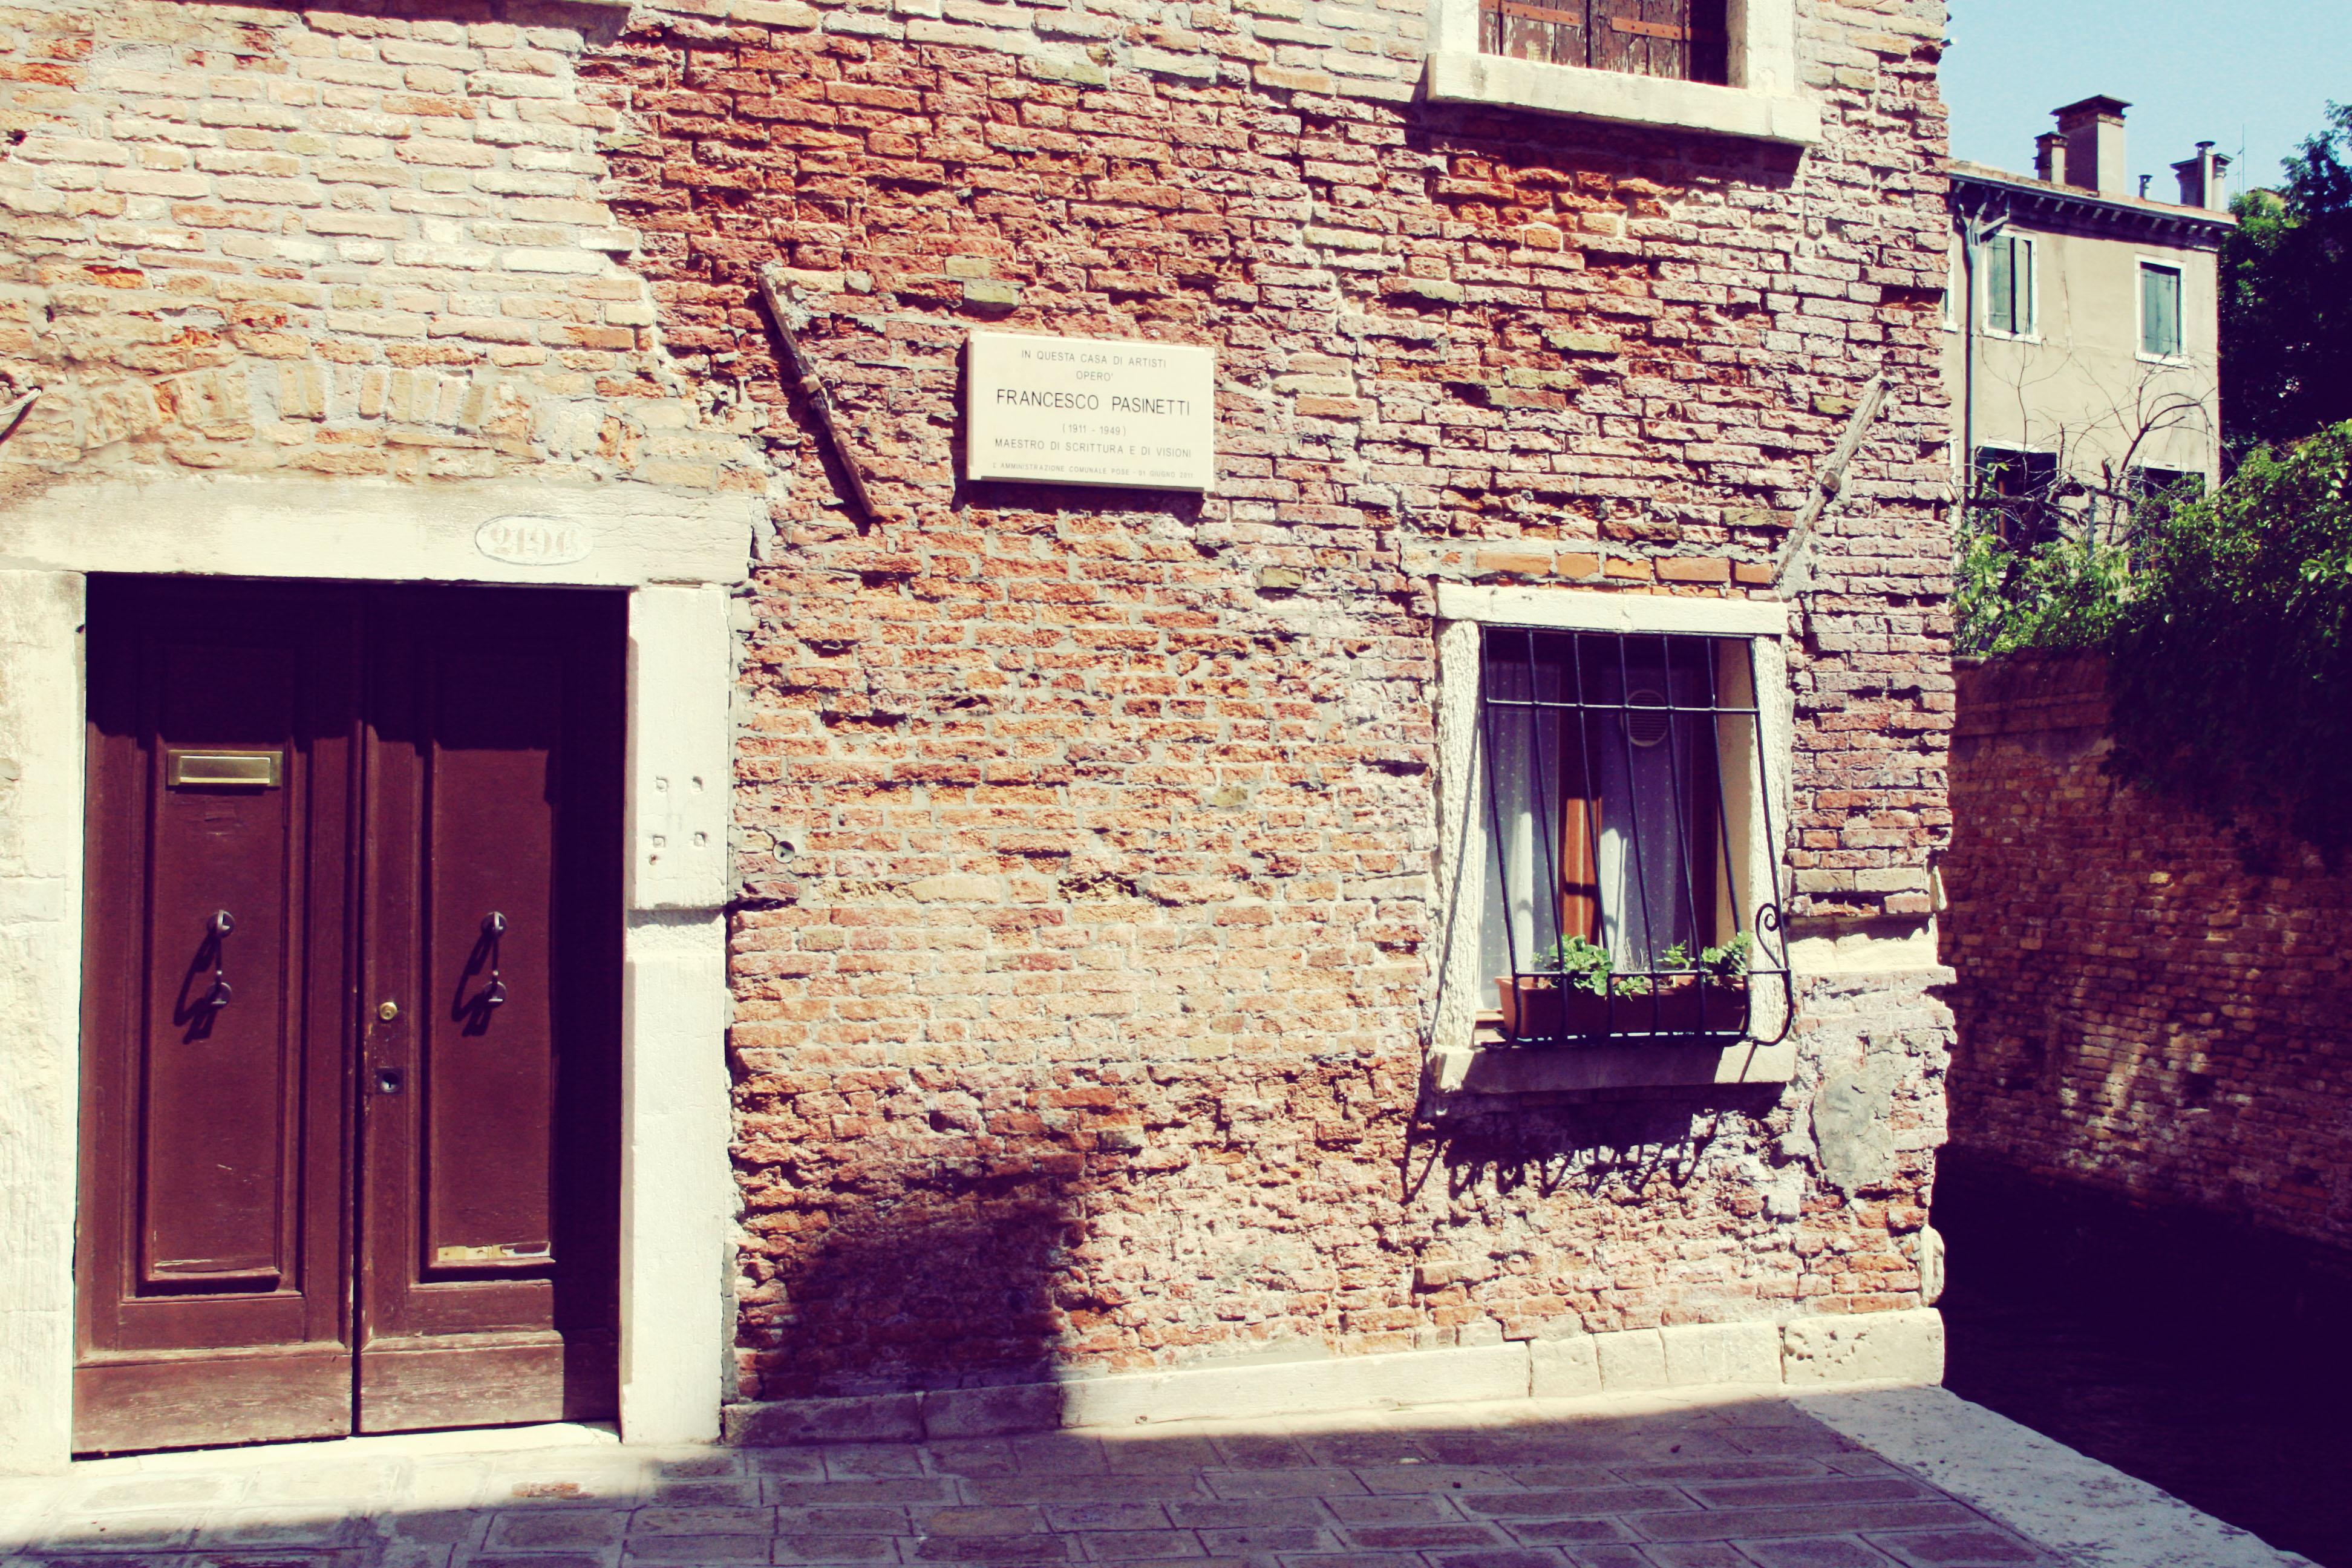 Venezia 2013 I (4)